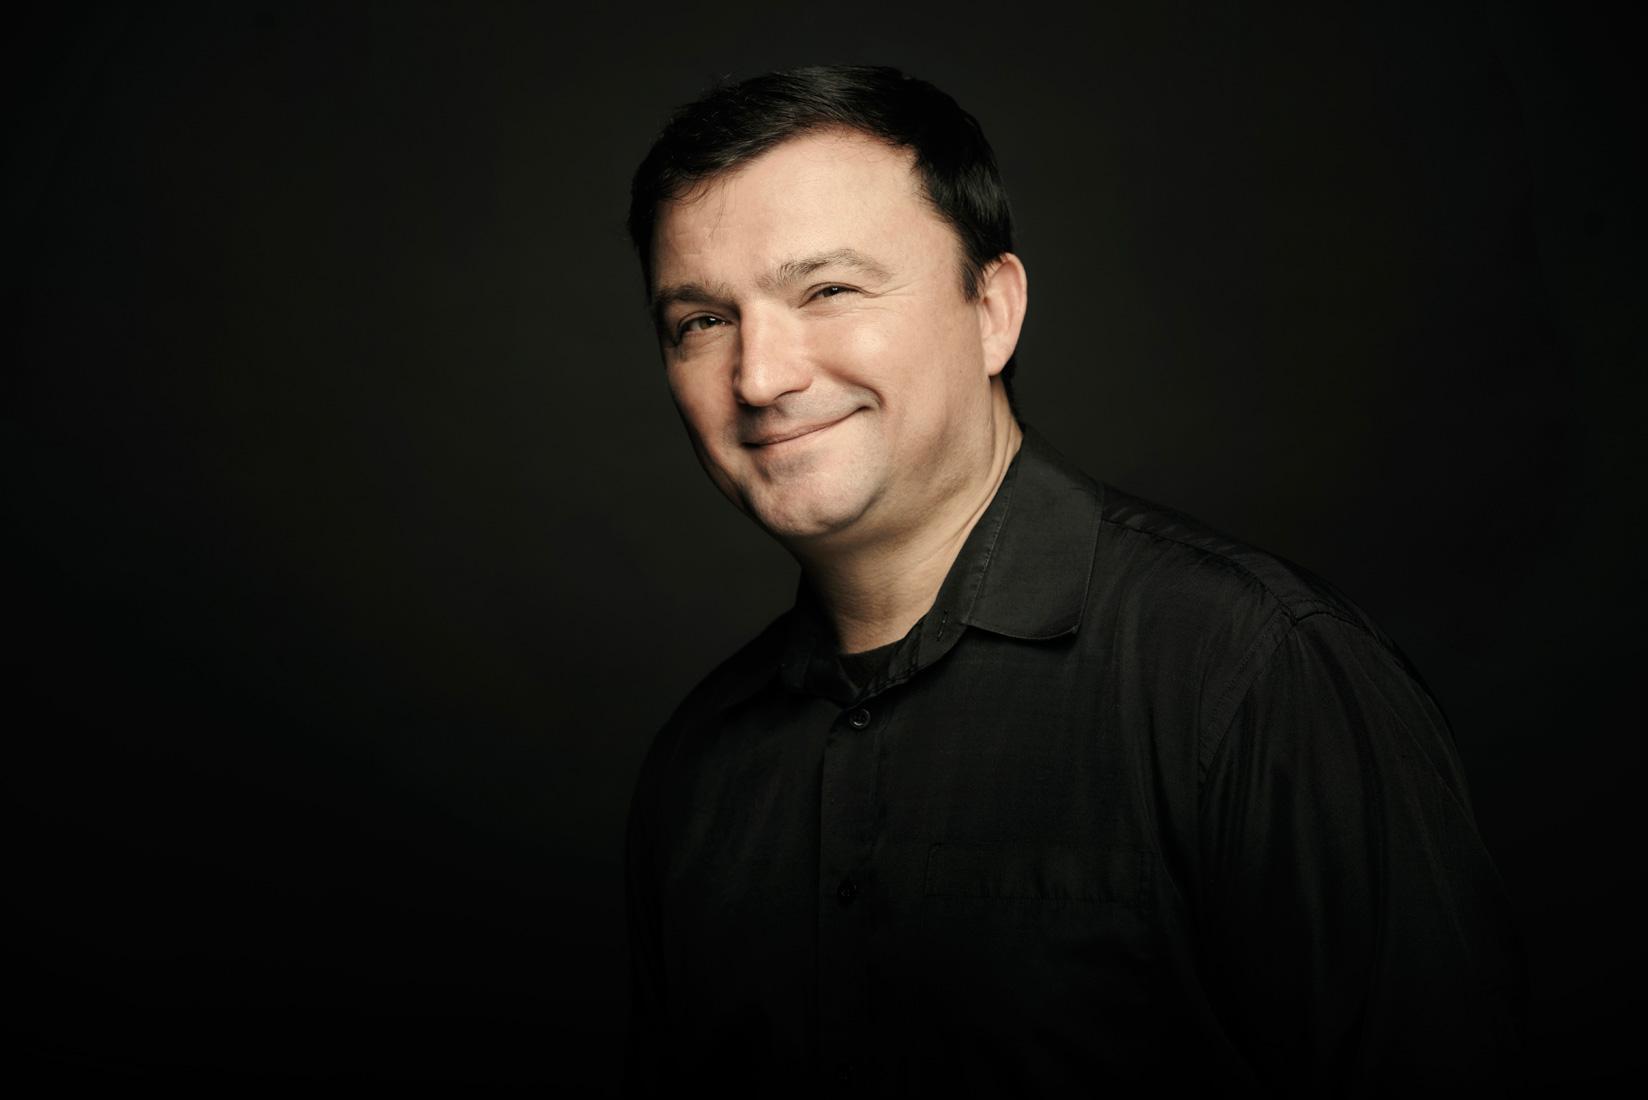 Oleg Shport